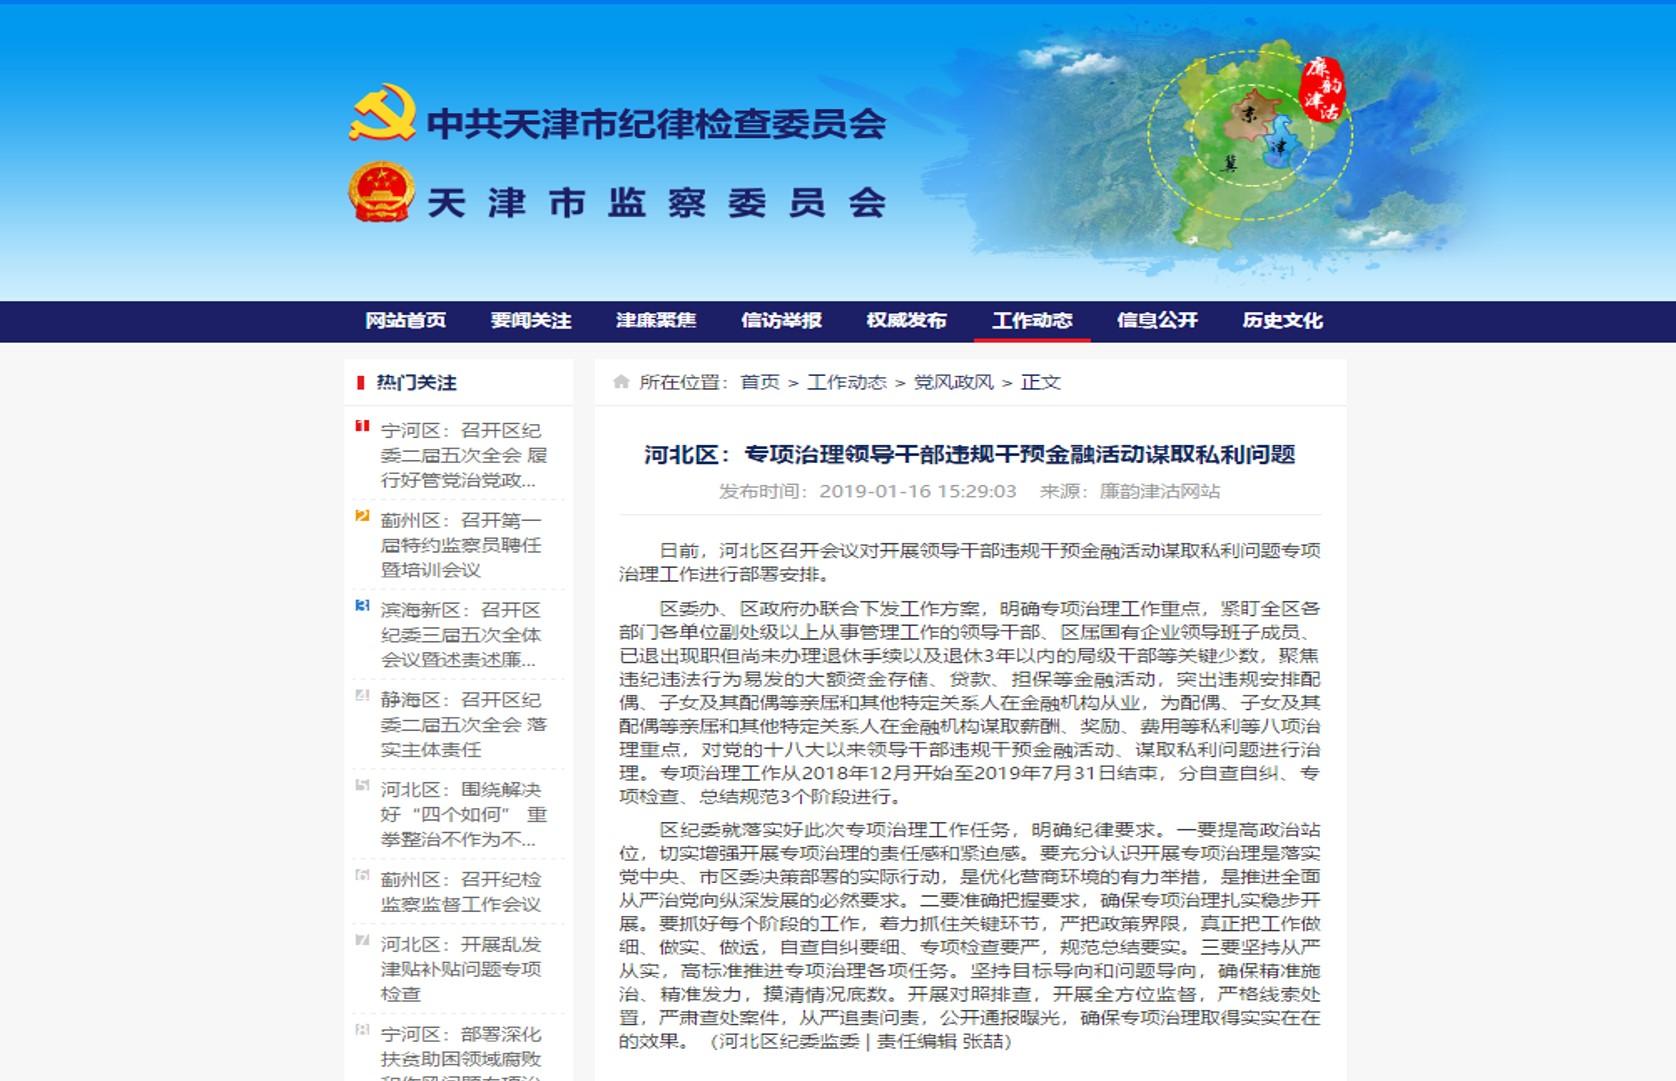 河北区:专项治理领导干部违规干预金融活动谋取私利问题